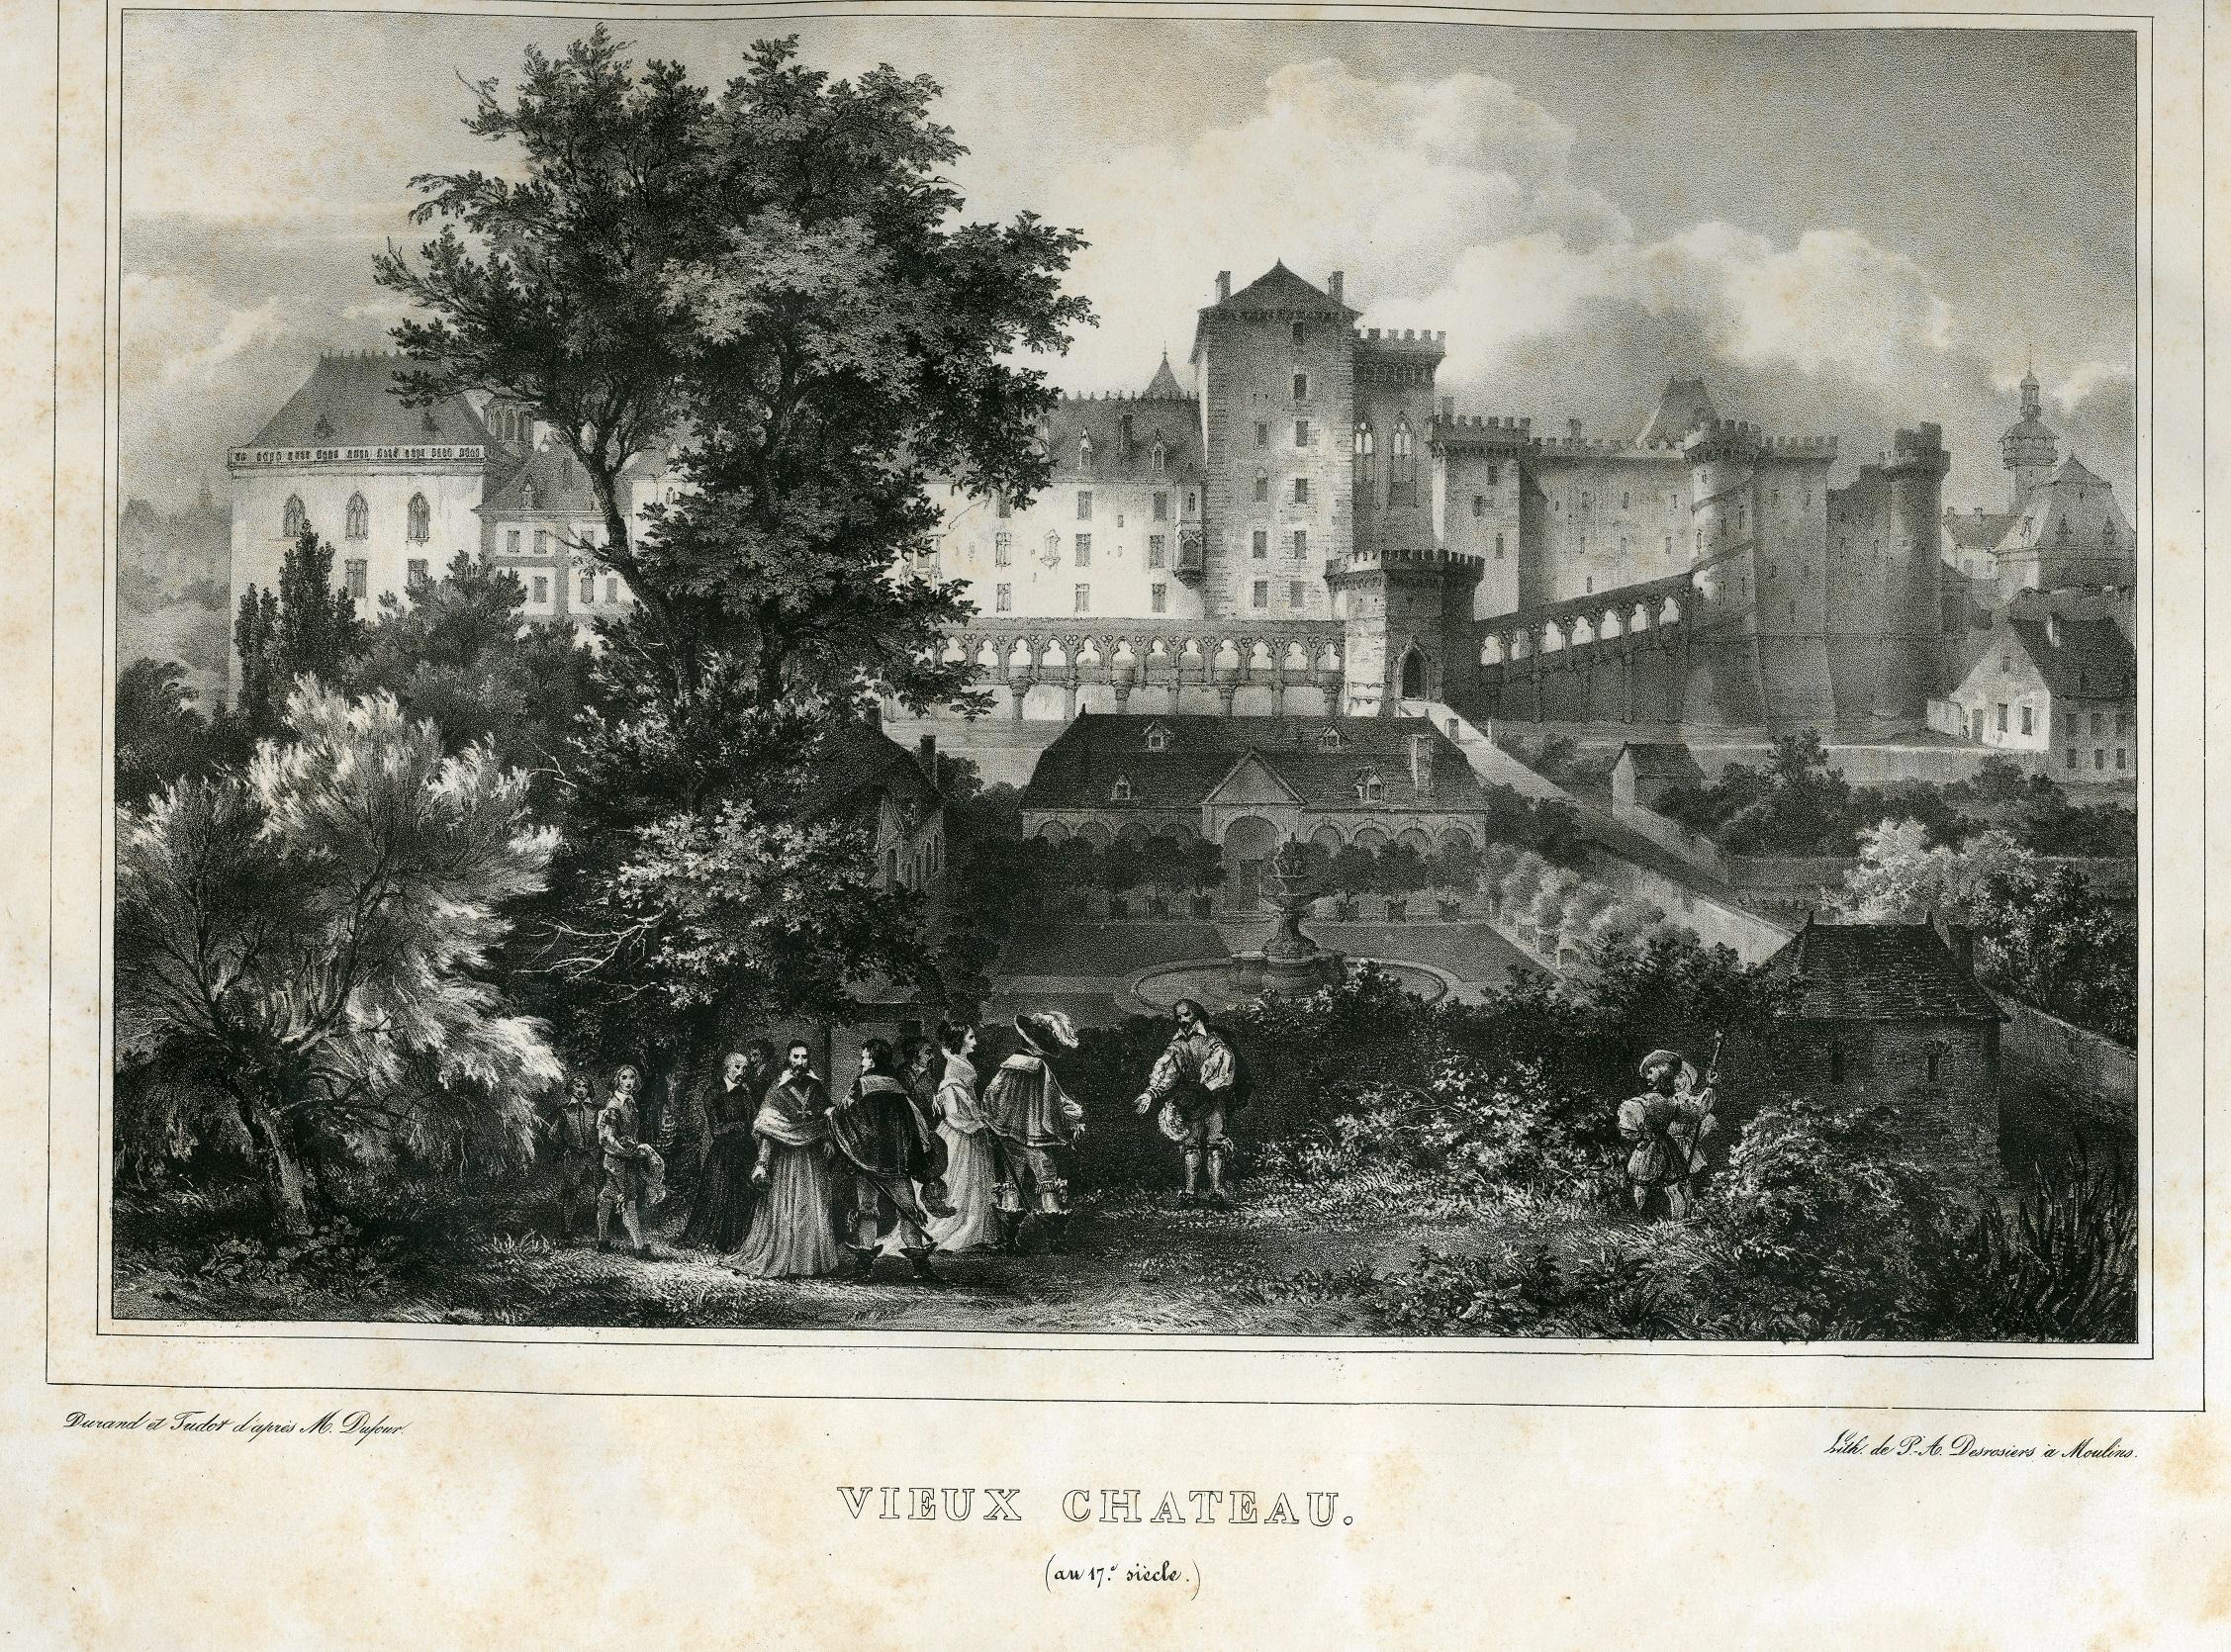 Chateau des ducs de Bourbon